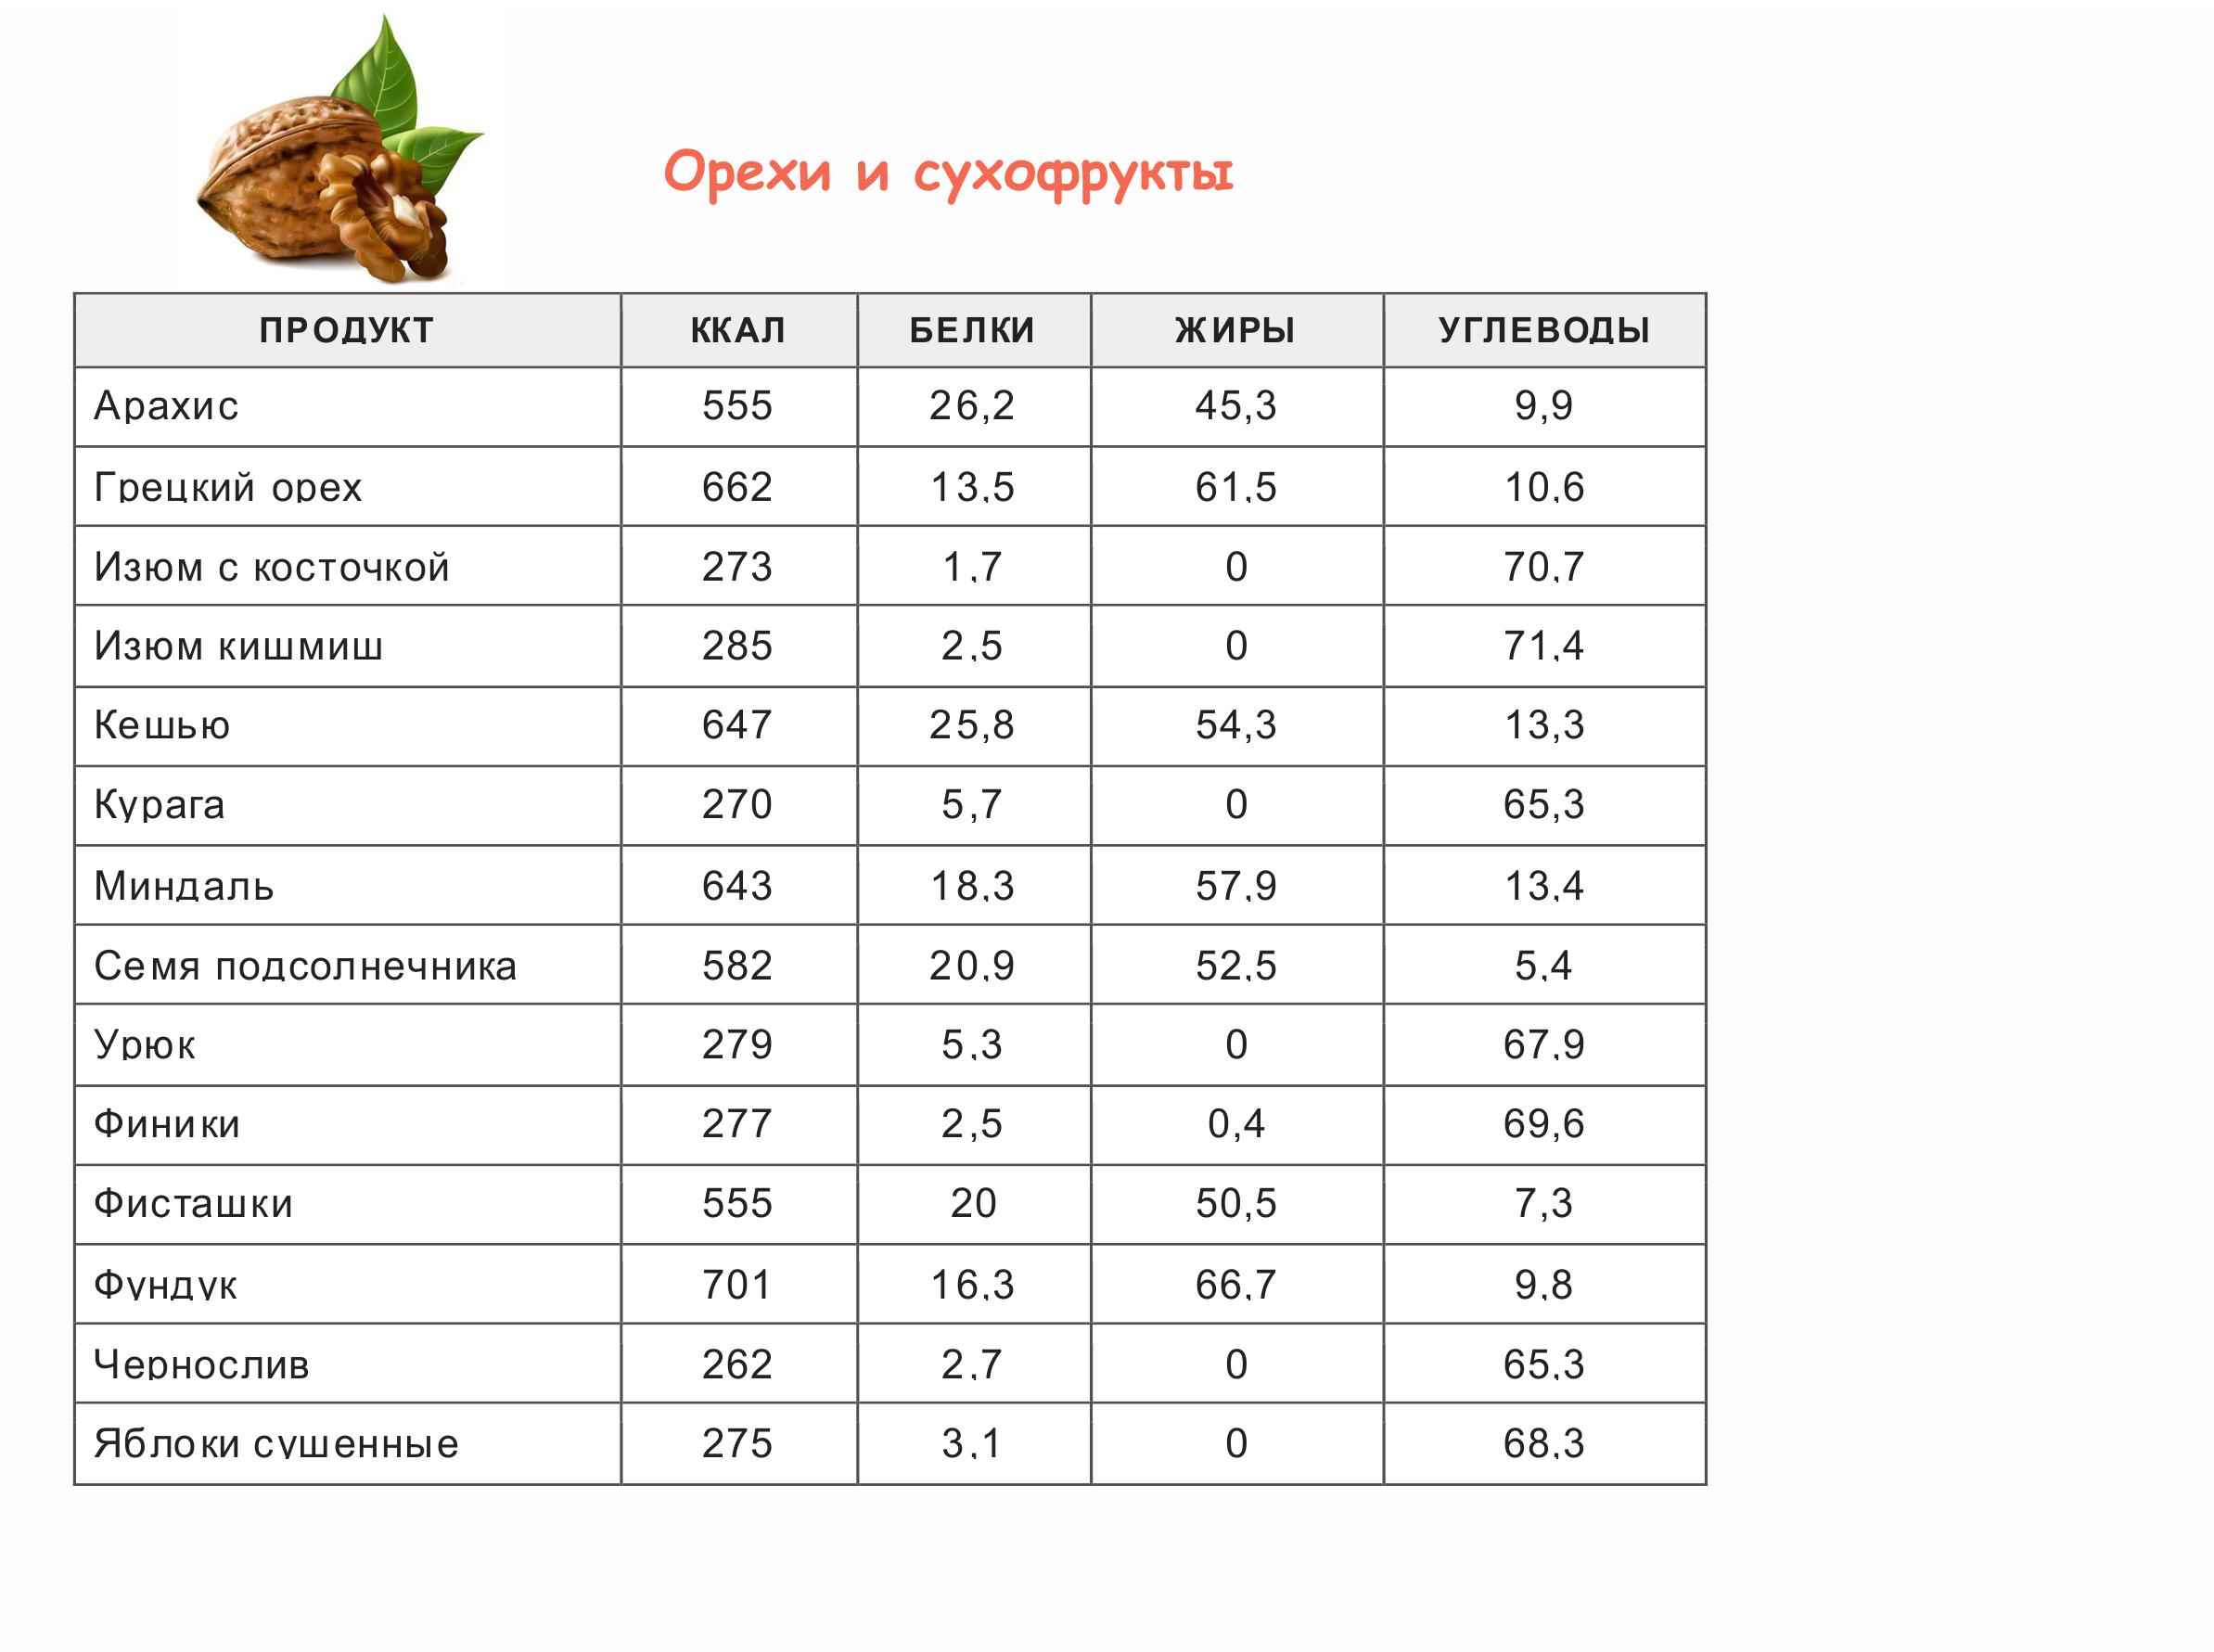 Die bequemste Kalorien-Tabelle von Produkten. Der Energiewert von ...